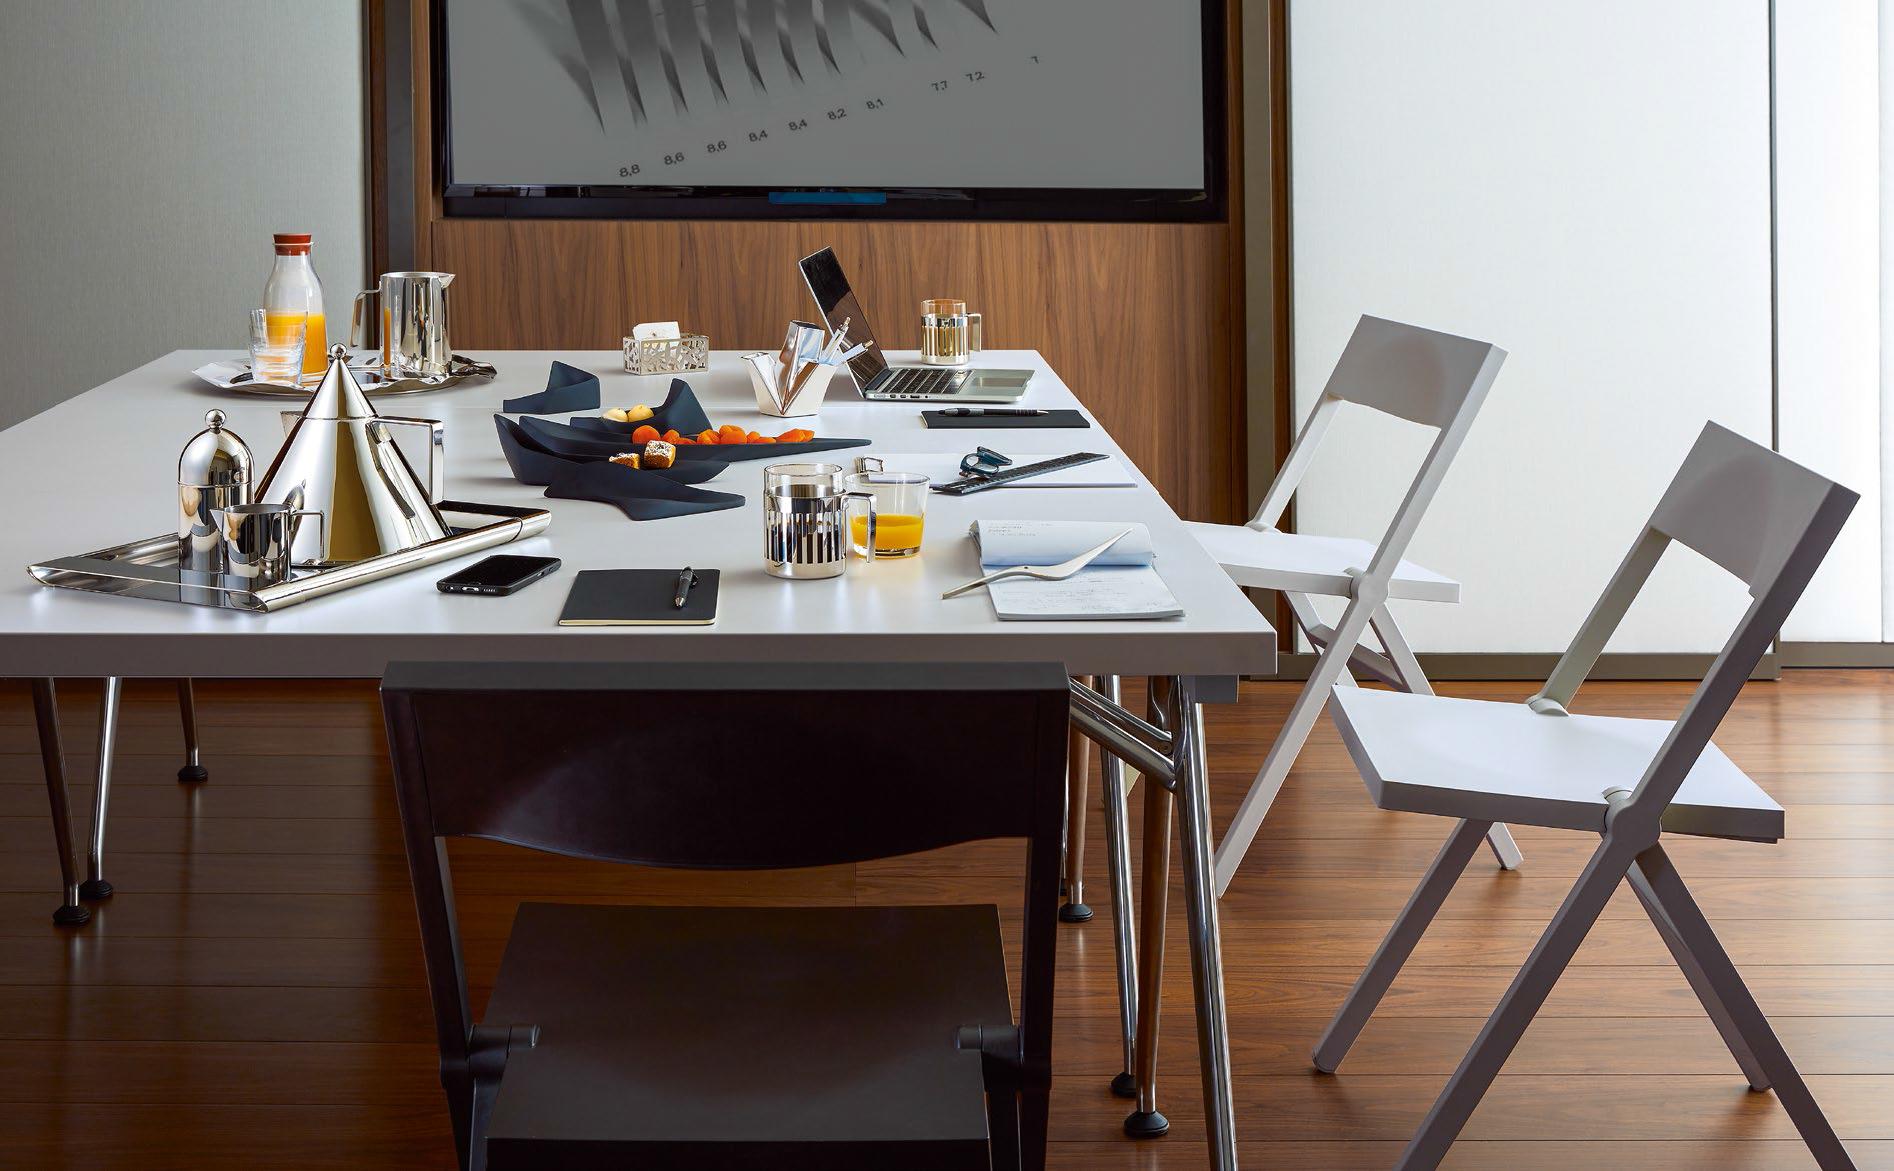 alessi-meeting-room-1.jpg